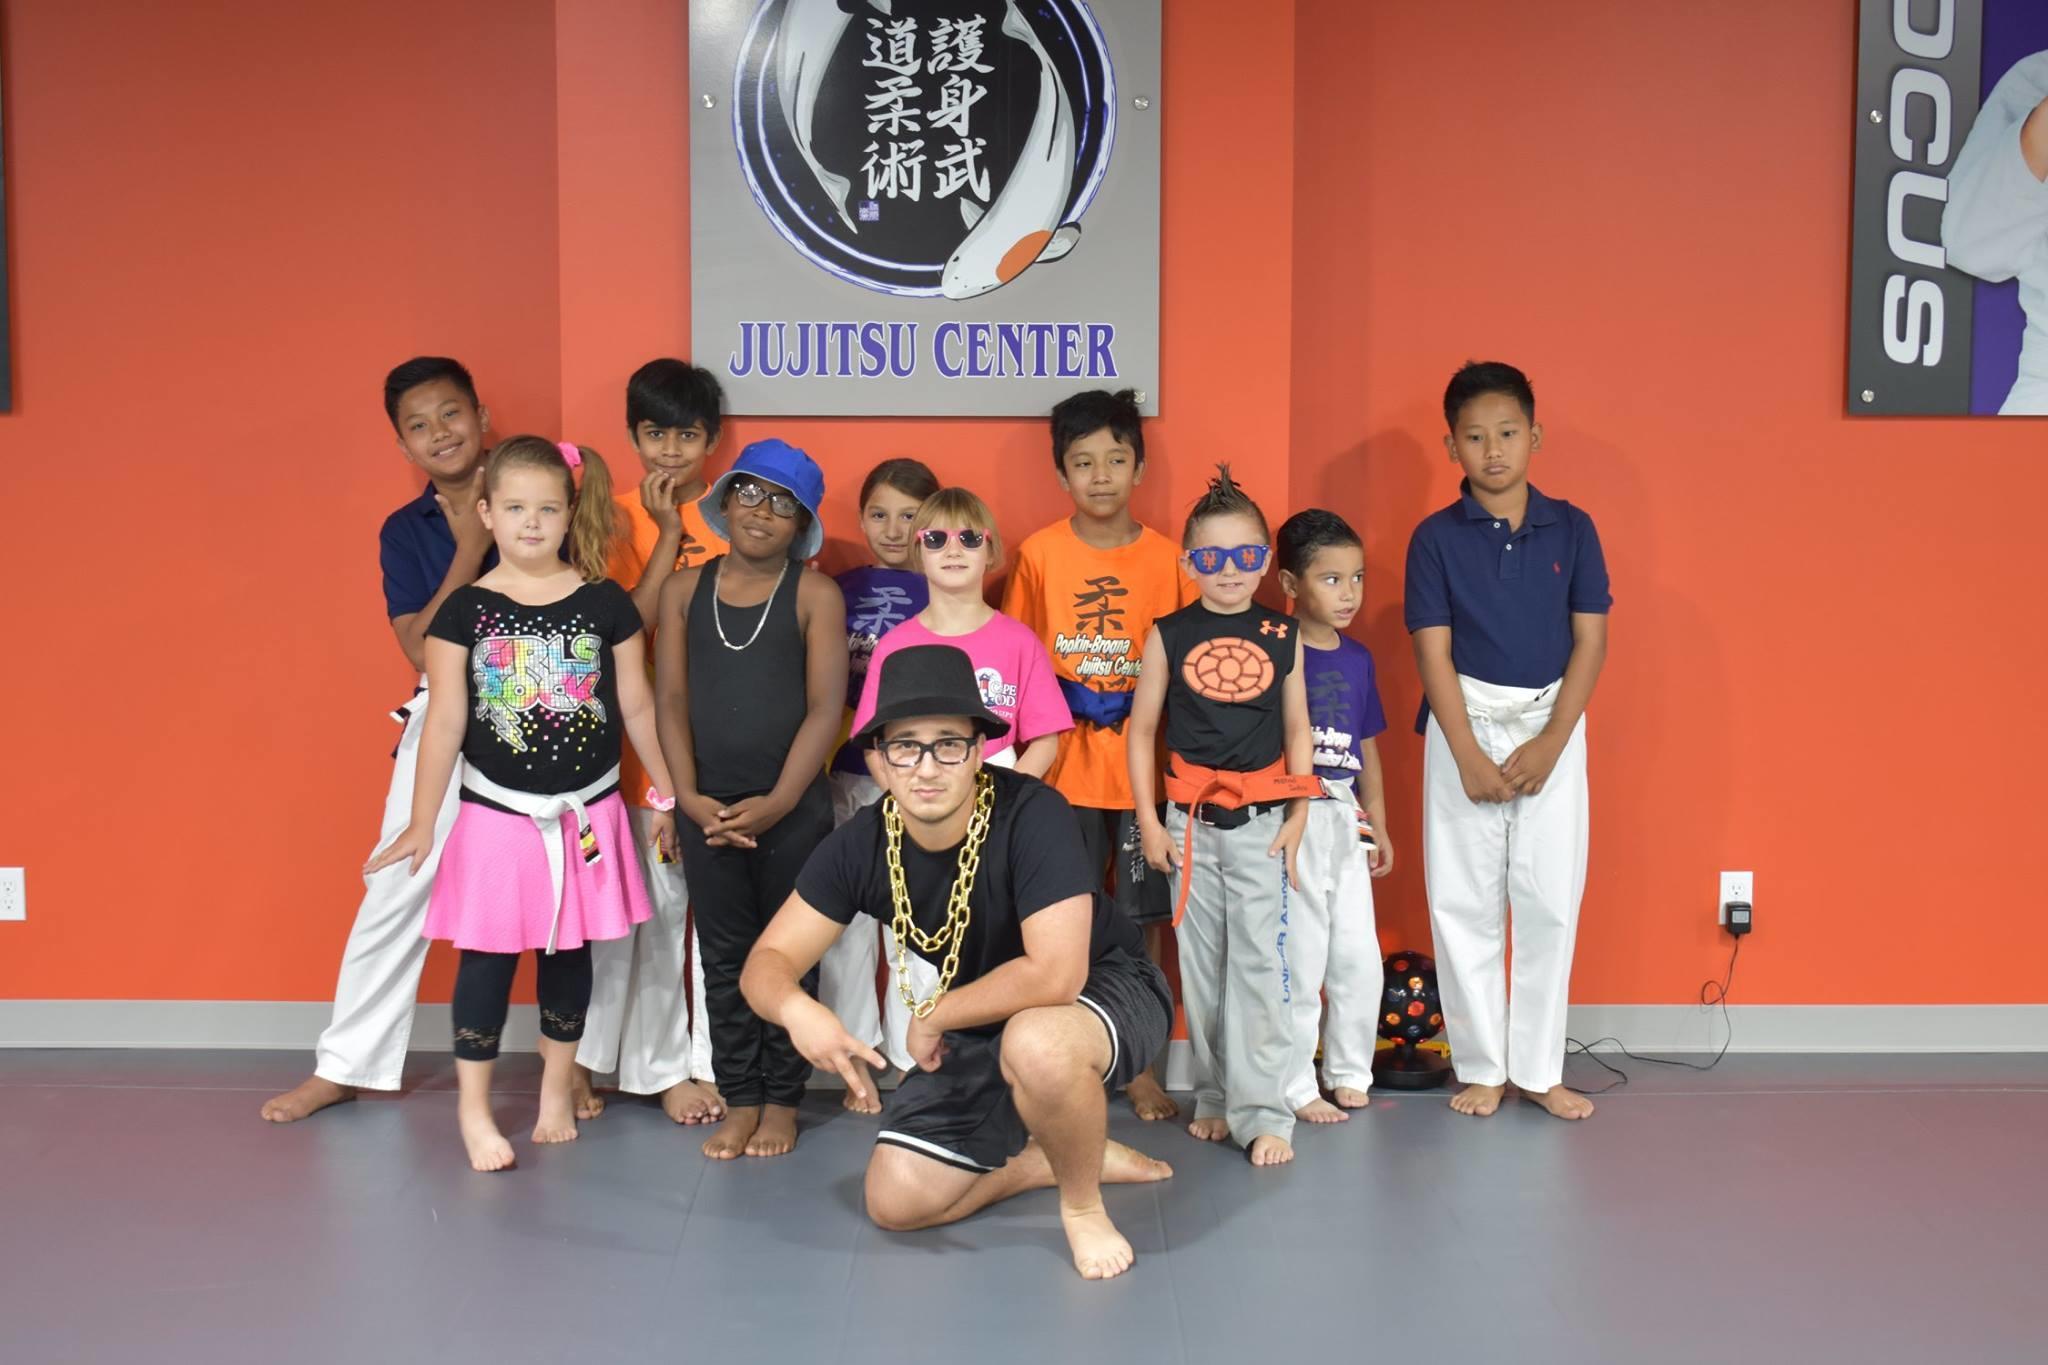 Popkin-Brogna Jujitsu Center image 5